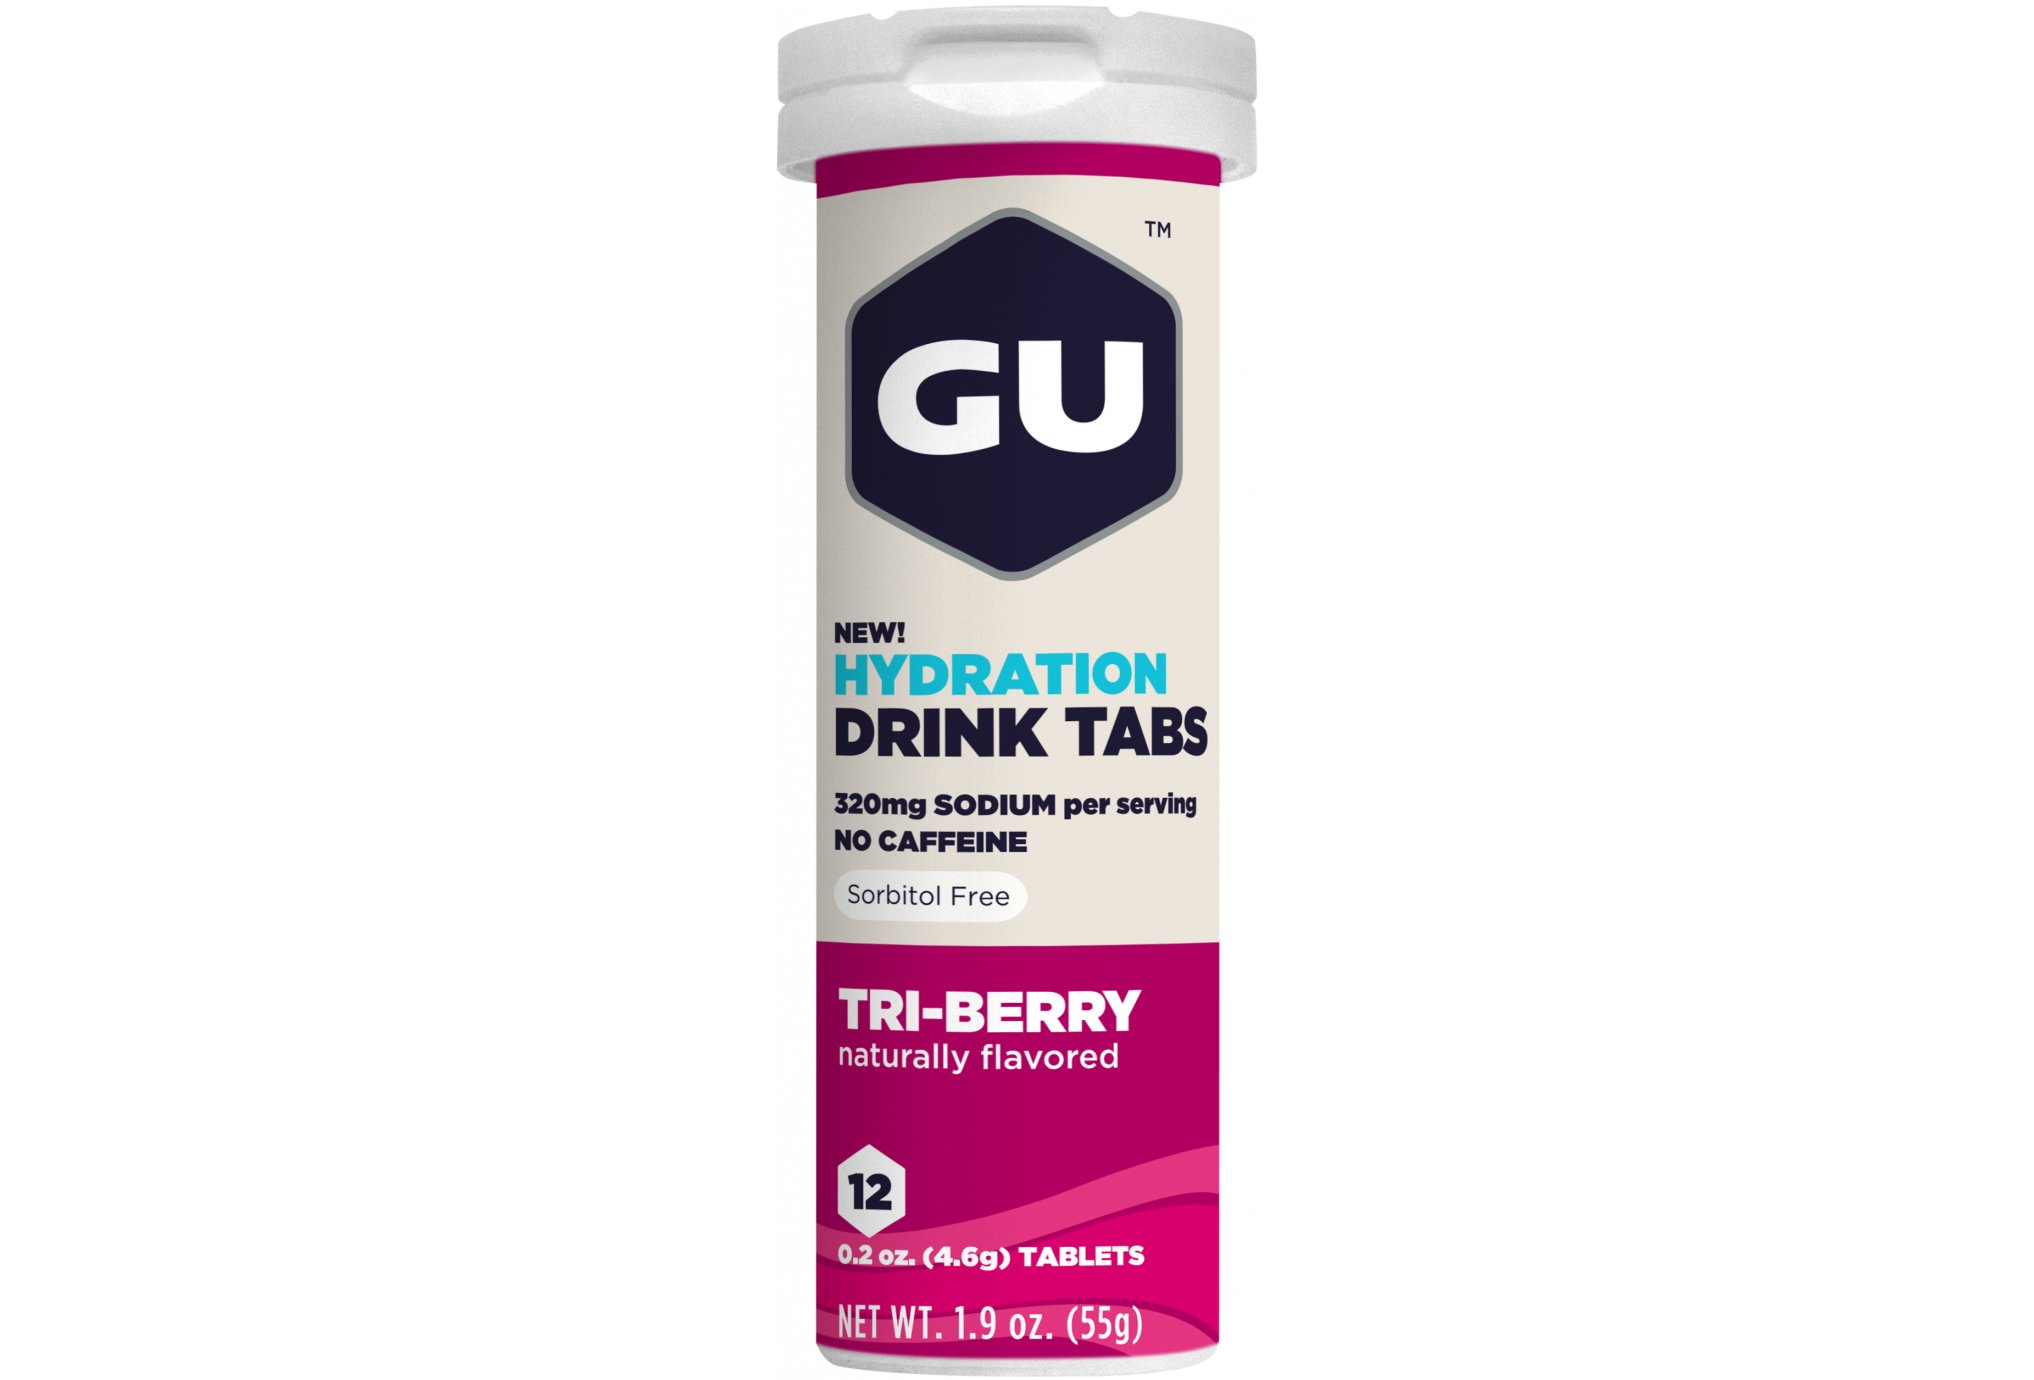 GU Tabletas Hidratantes Drink - Frutas del bosque Diététique Boissons